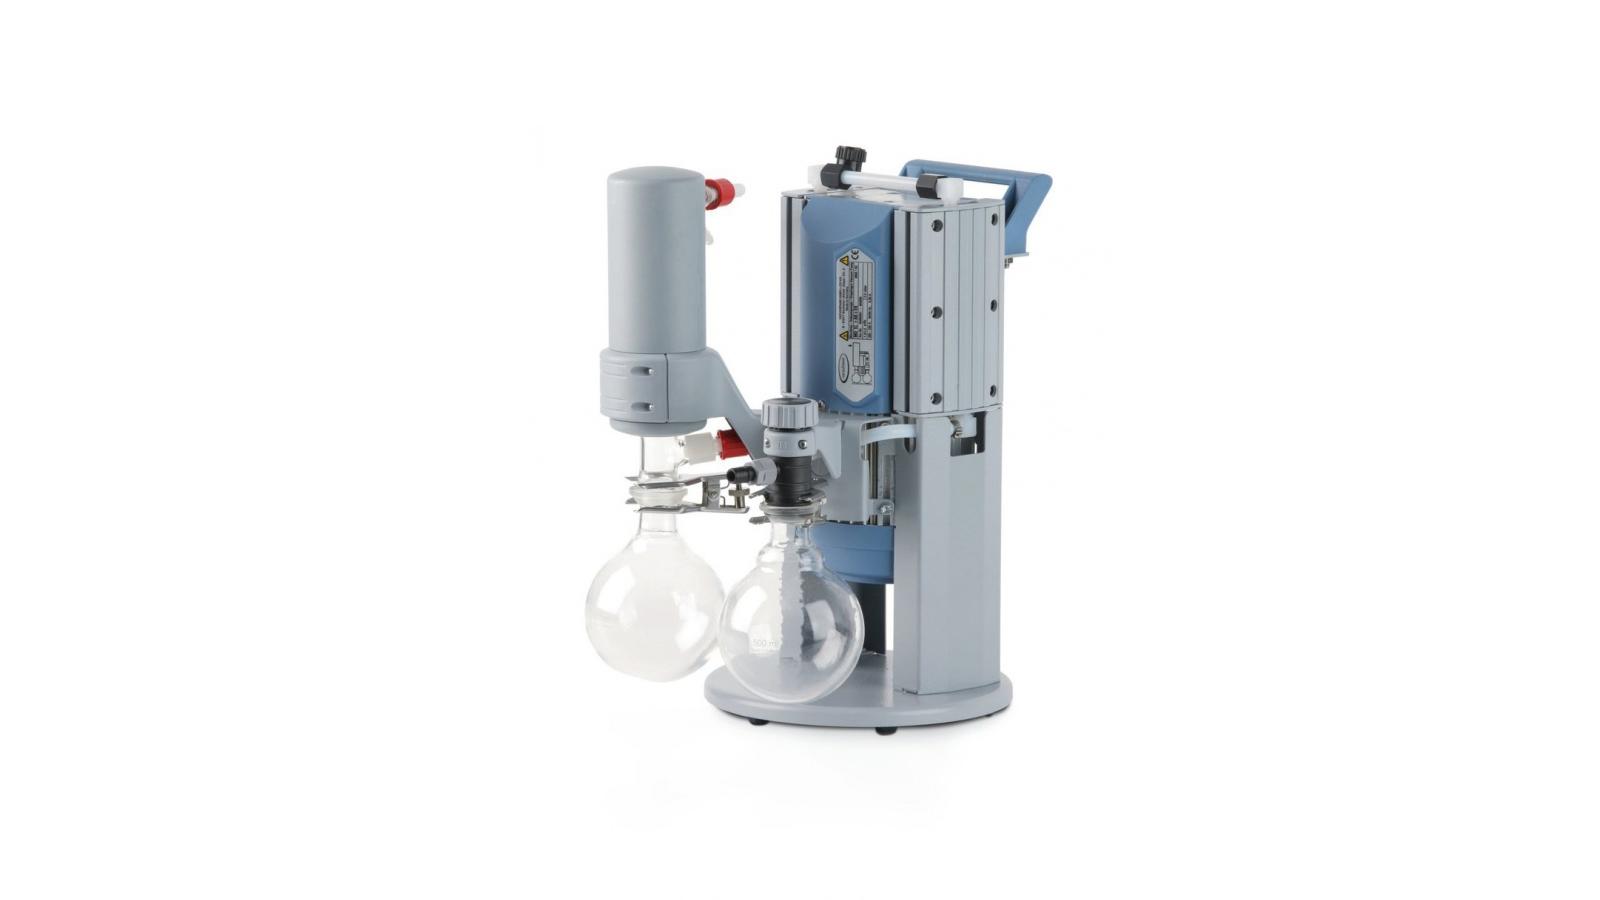 Vacuubrand MD 1C +AK+EK Vakum Pompası || Merlab Laboratuvar Ekipmanları